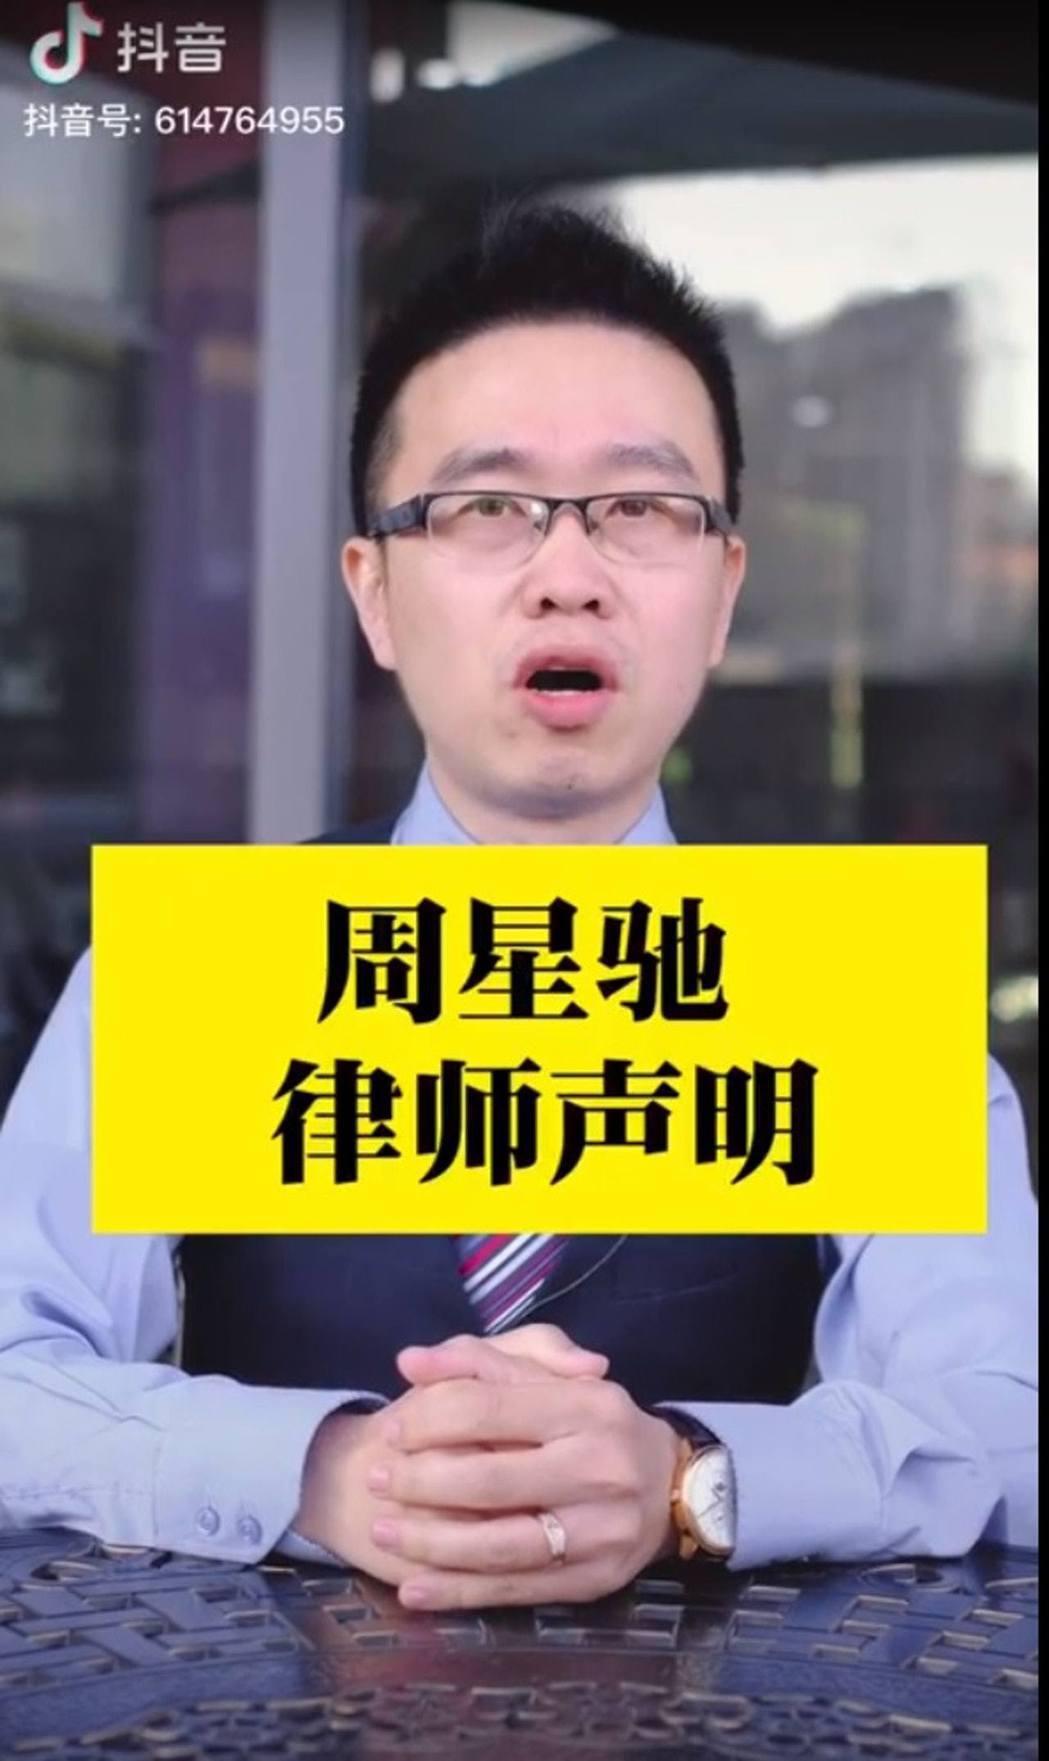 律師受周星馳委託發表聲明。圖/摘自影片